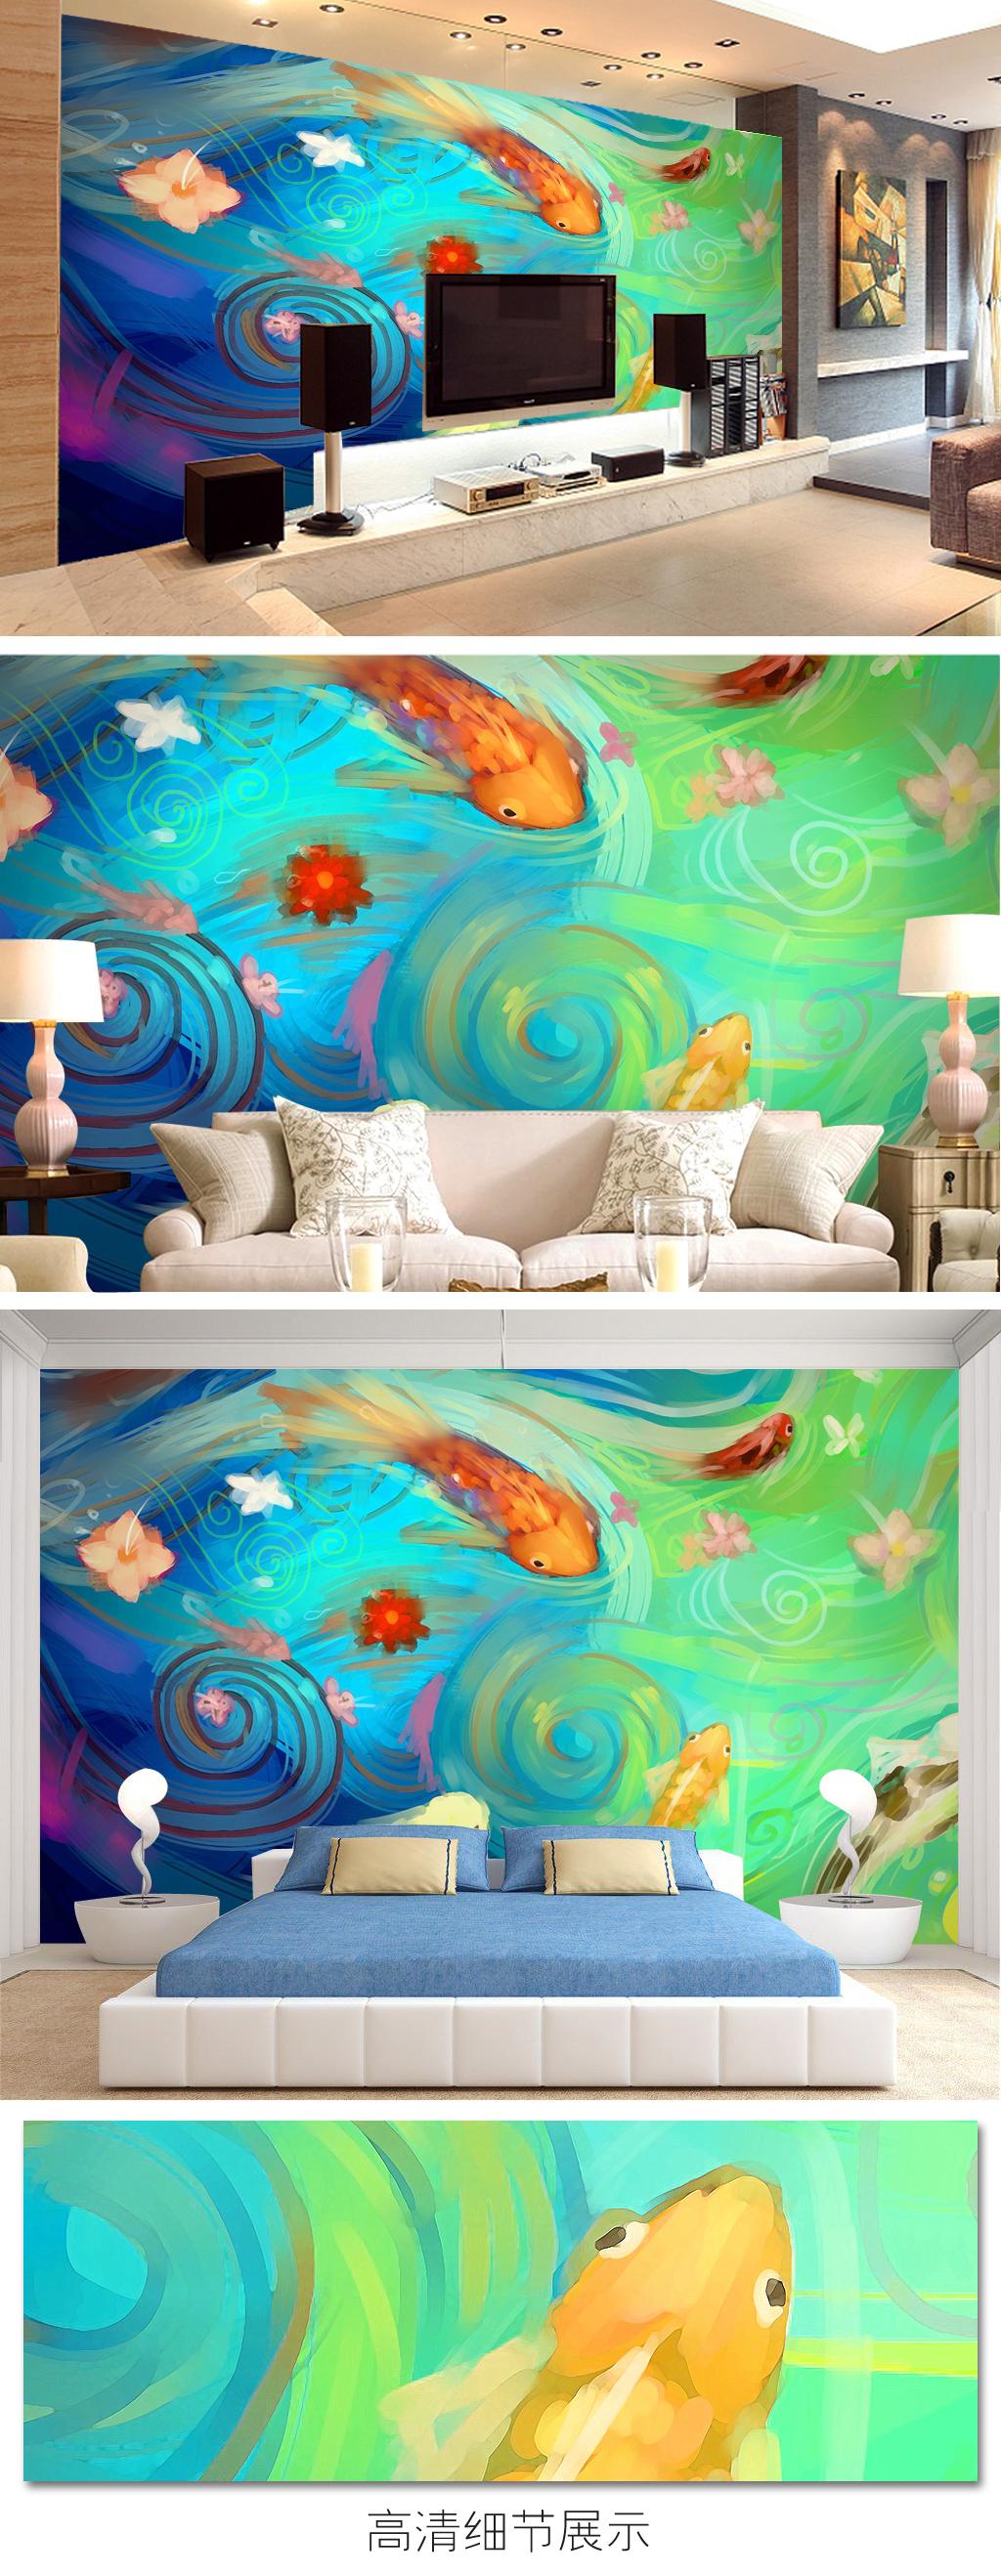 创意手绘海洋小鱼客厅电视背景墙卧室.